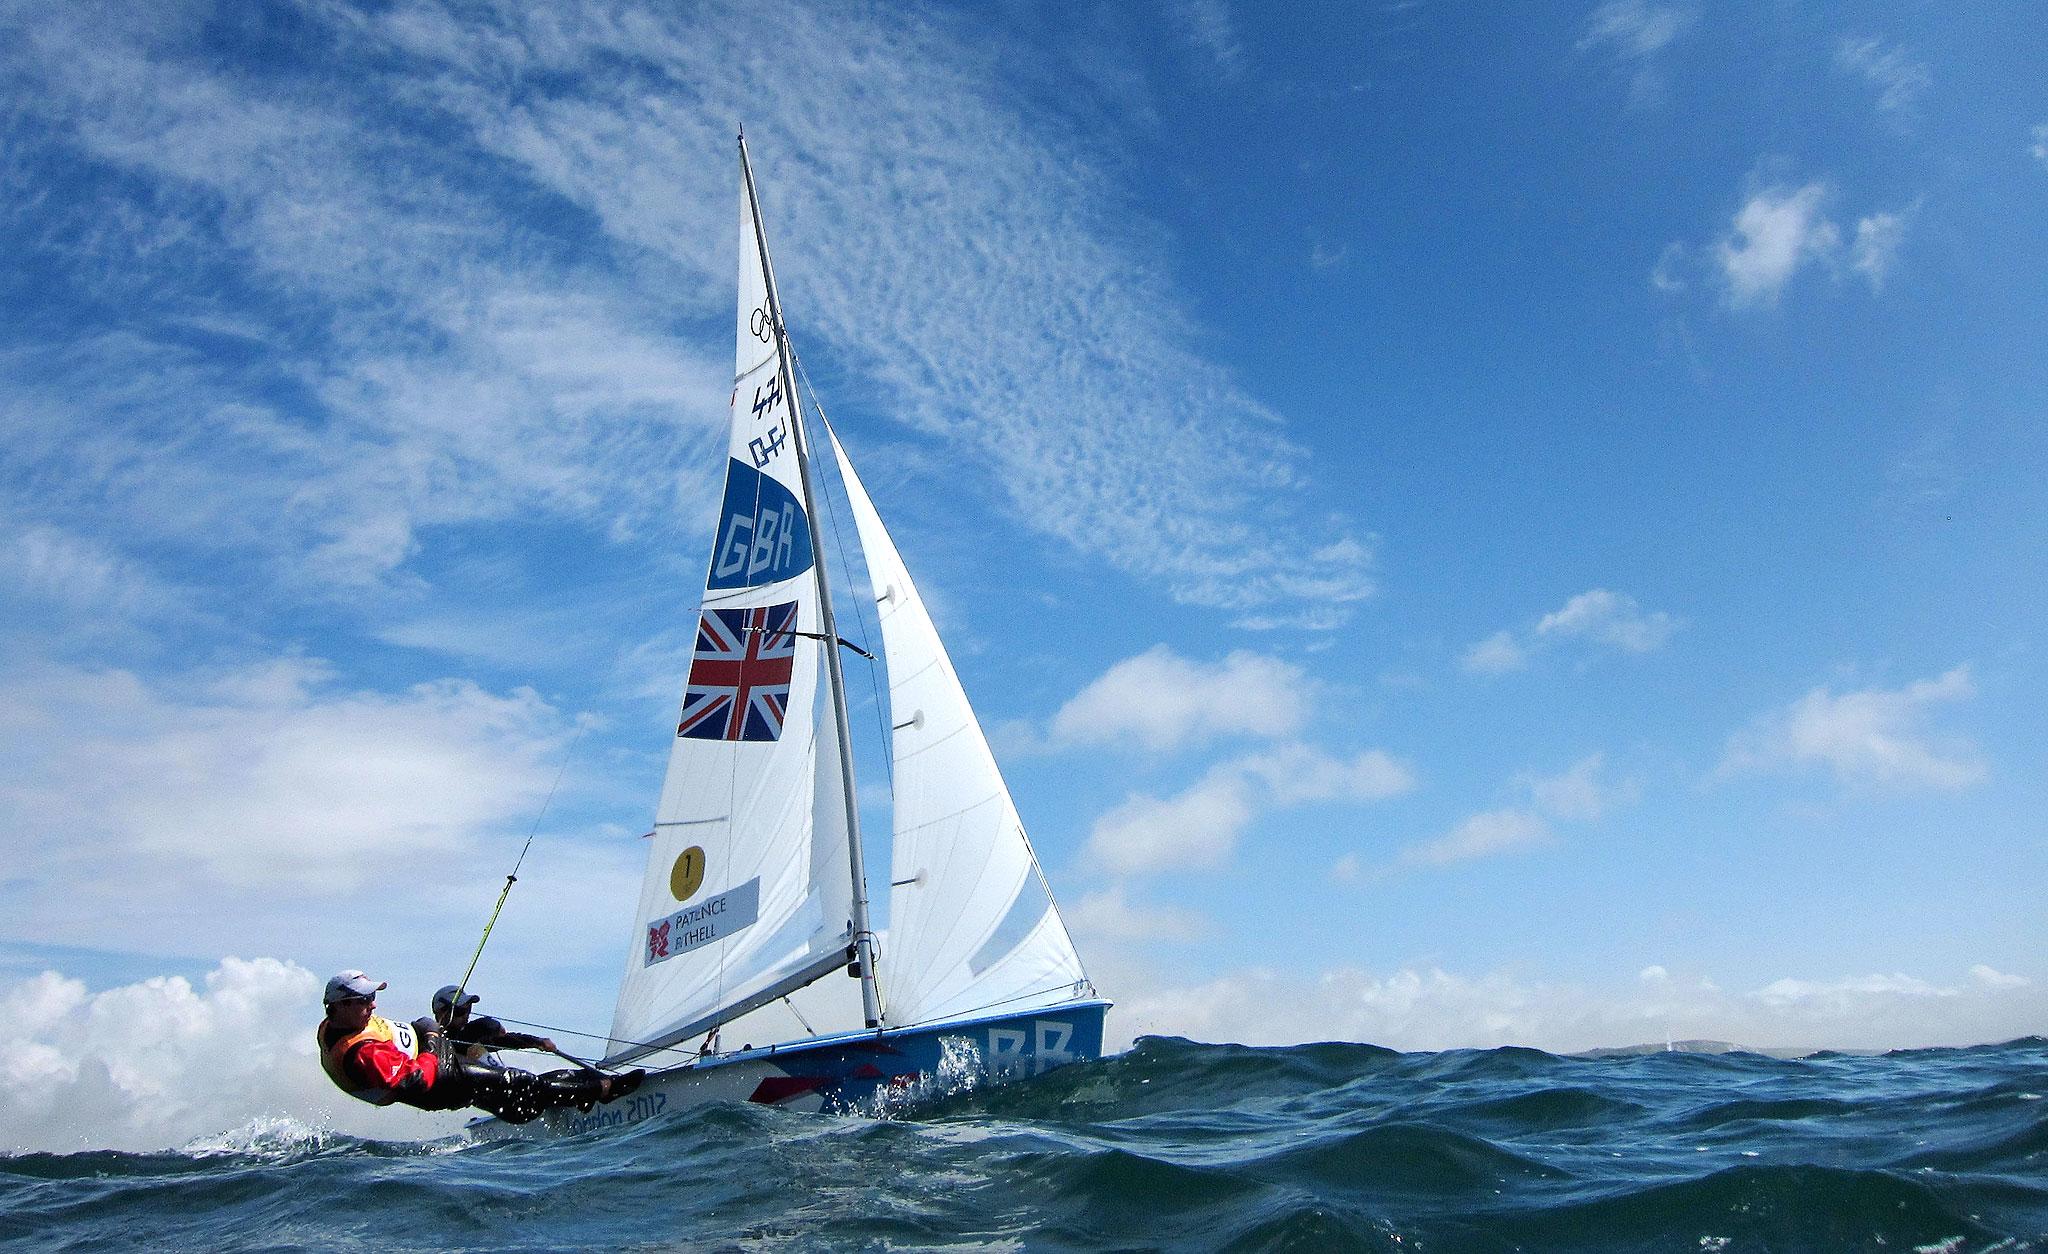 Stuart Bithell and Luke Patience sail